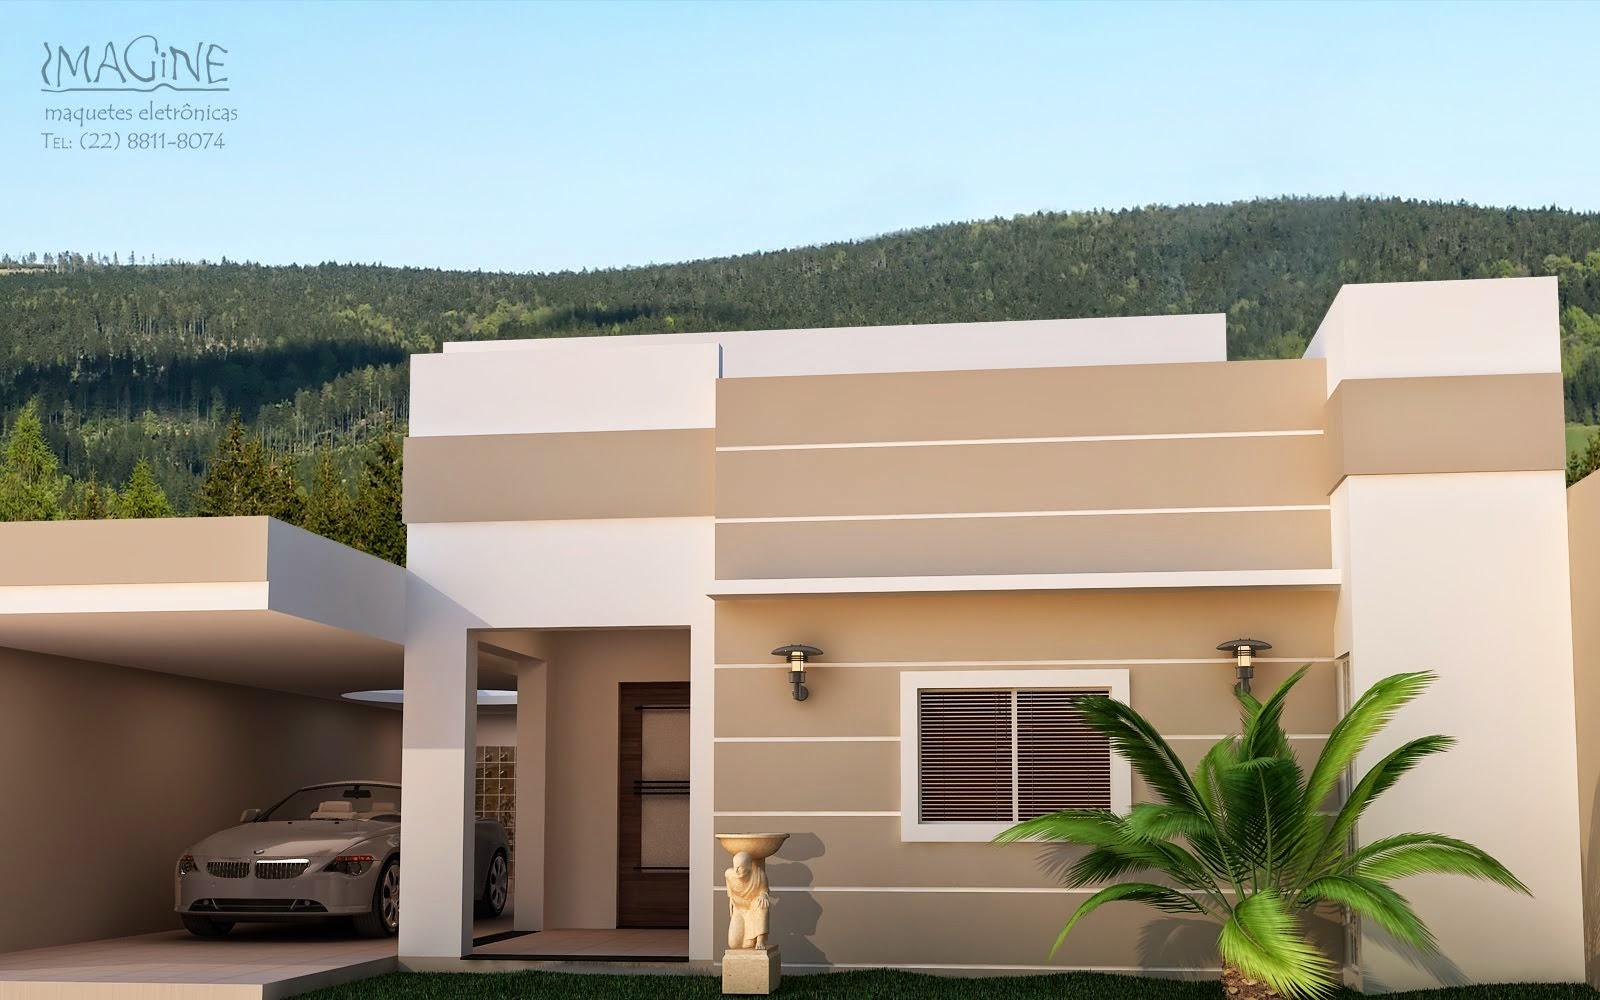 Fachadas de casas pequenas bonitas e modernas papo de for Fachadas de viviendas pequenas